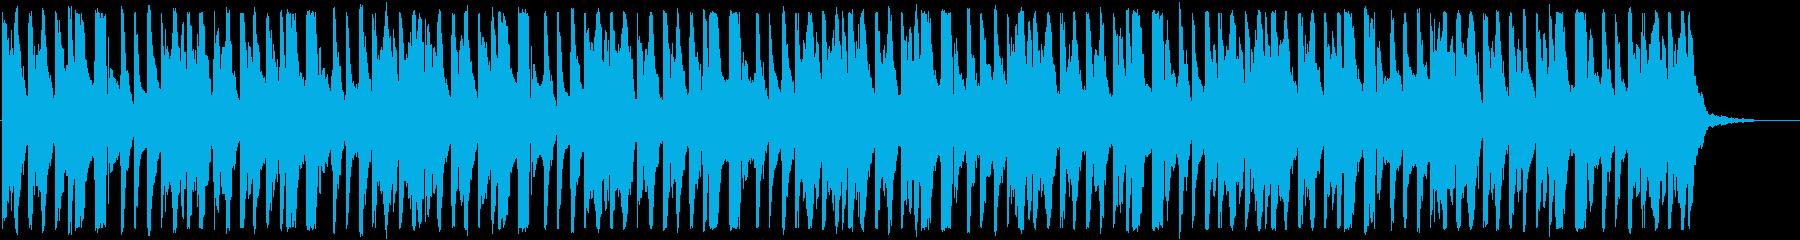 ピコピコ/テクノ_No486_5の再生済みの波形